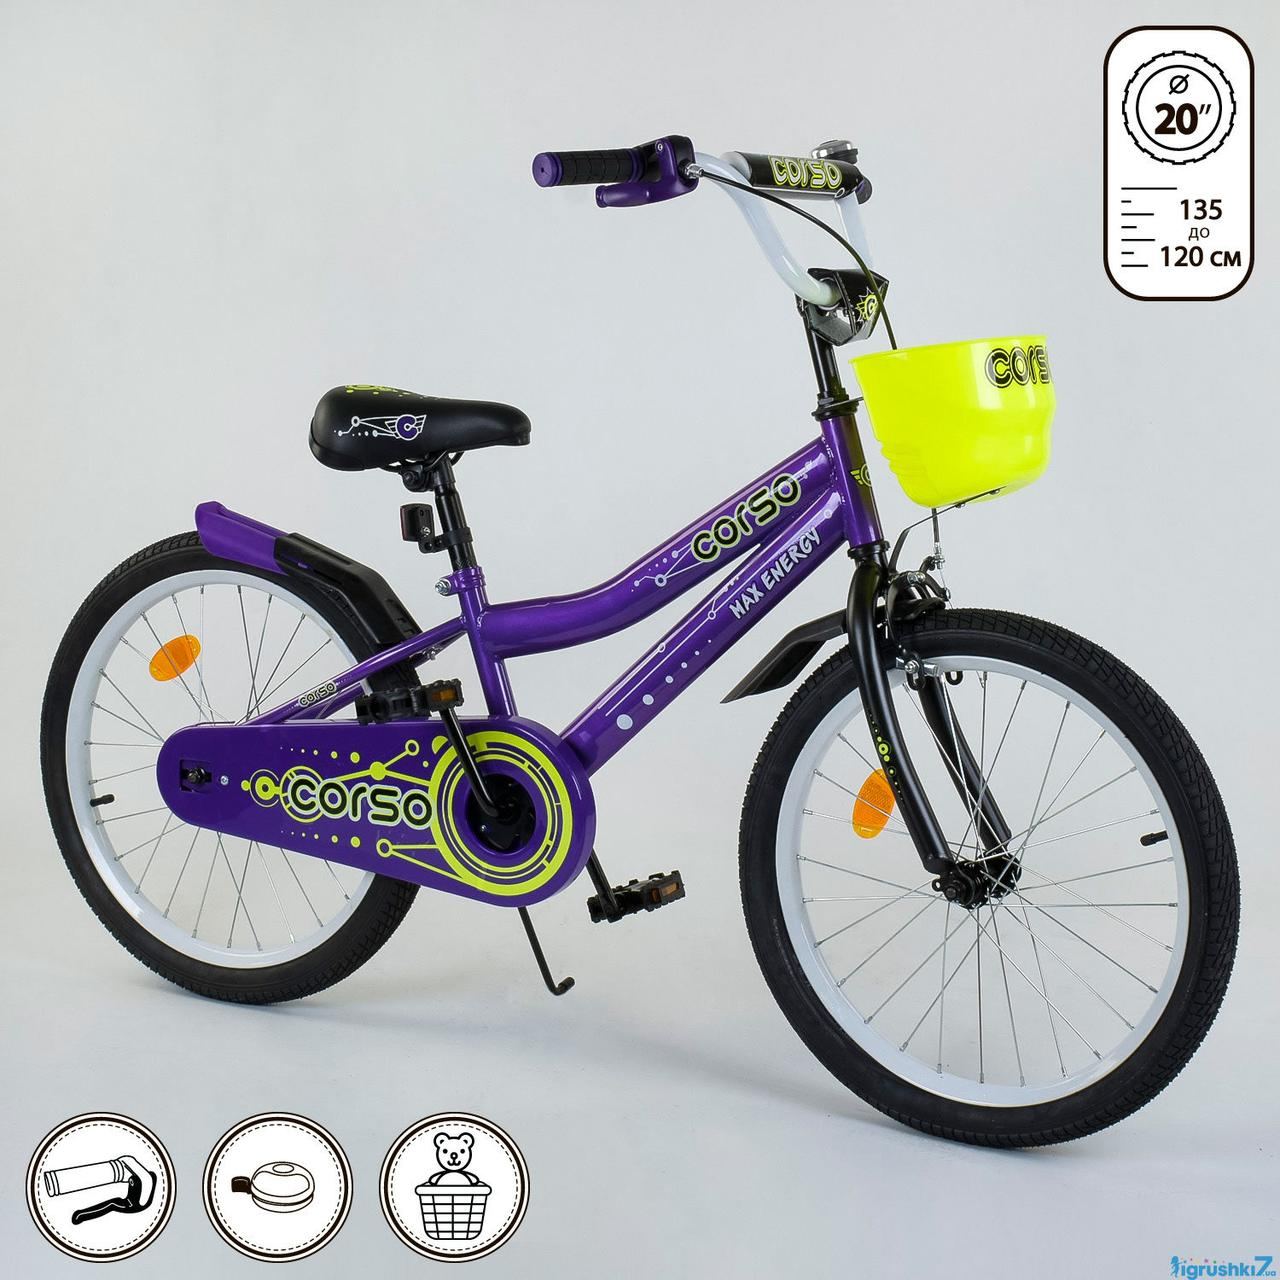 """Велосипед с корзинкой Corso R детский двухколесный 20 """" дюймов фиолетовый"""